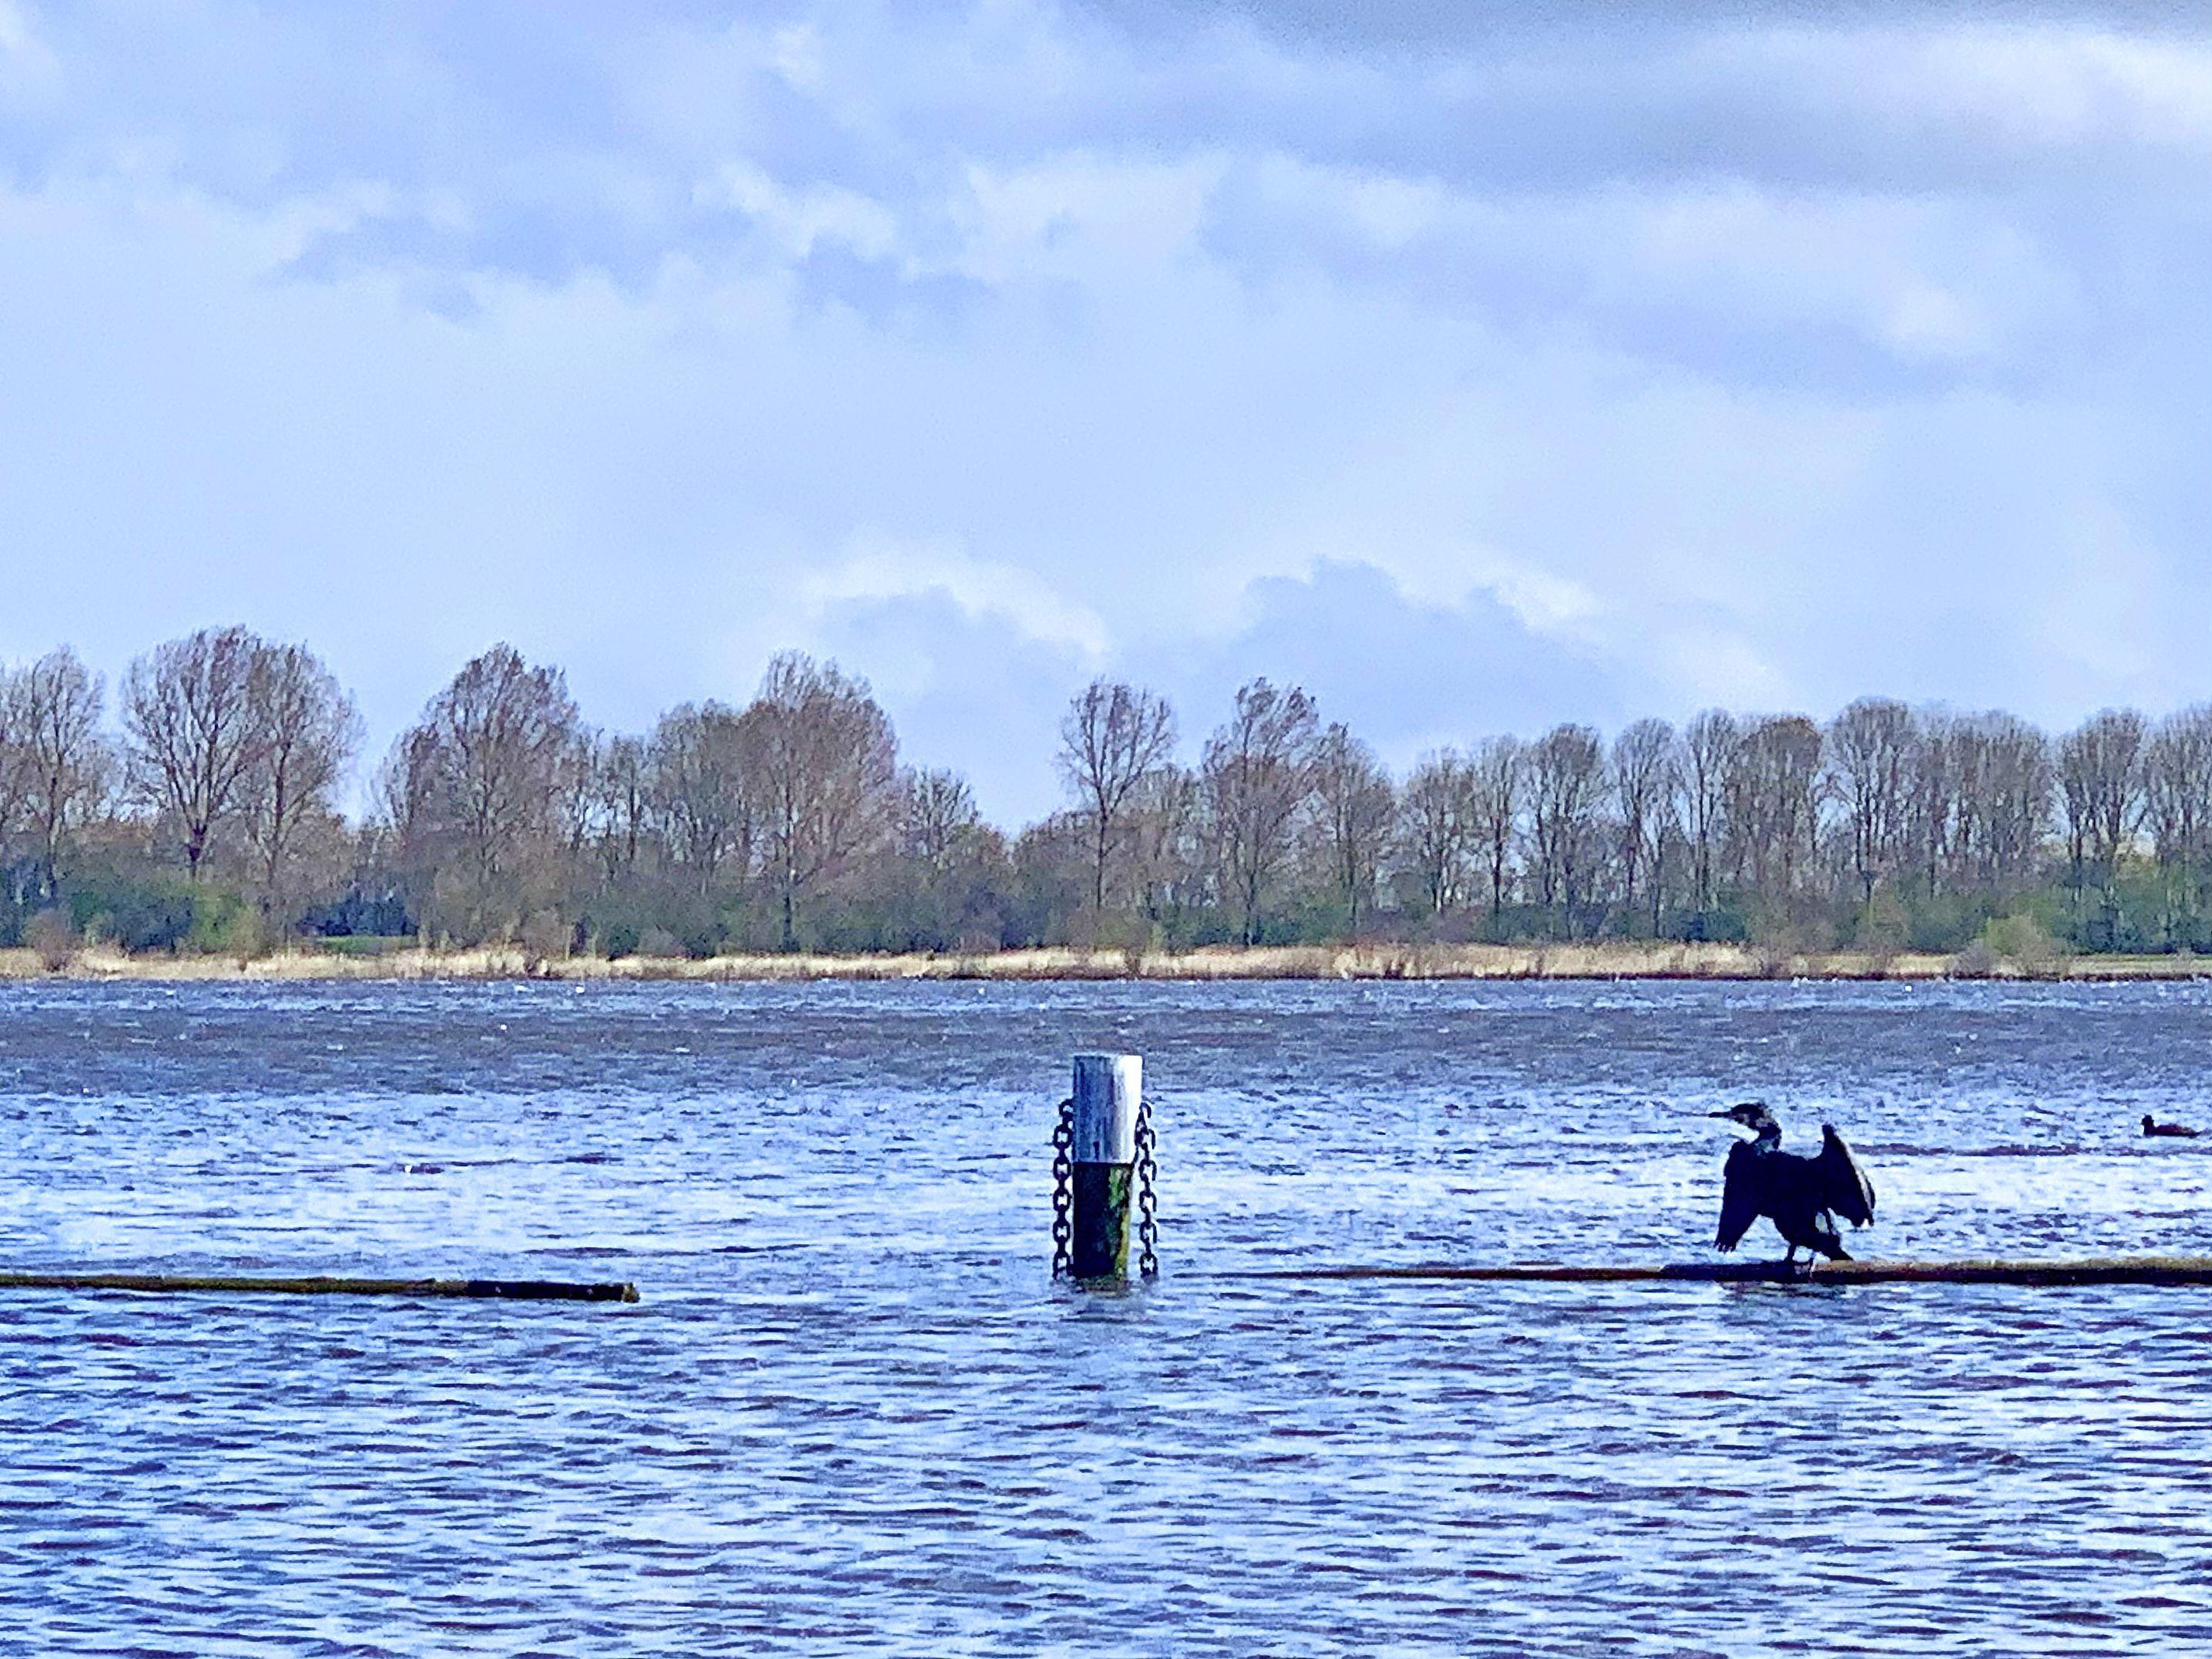 Langedijk wil weer een prominente rol voor de provincie in recreatiegebied Geestmerambacht